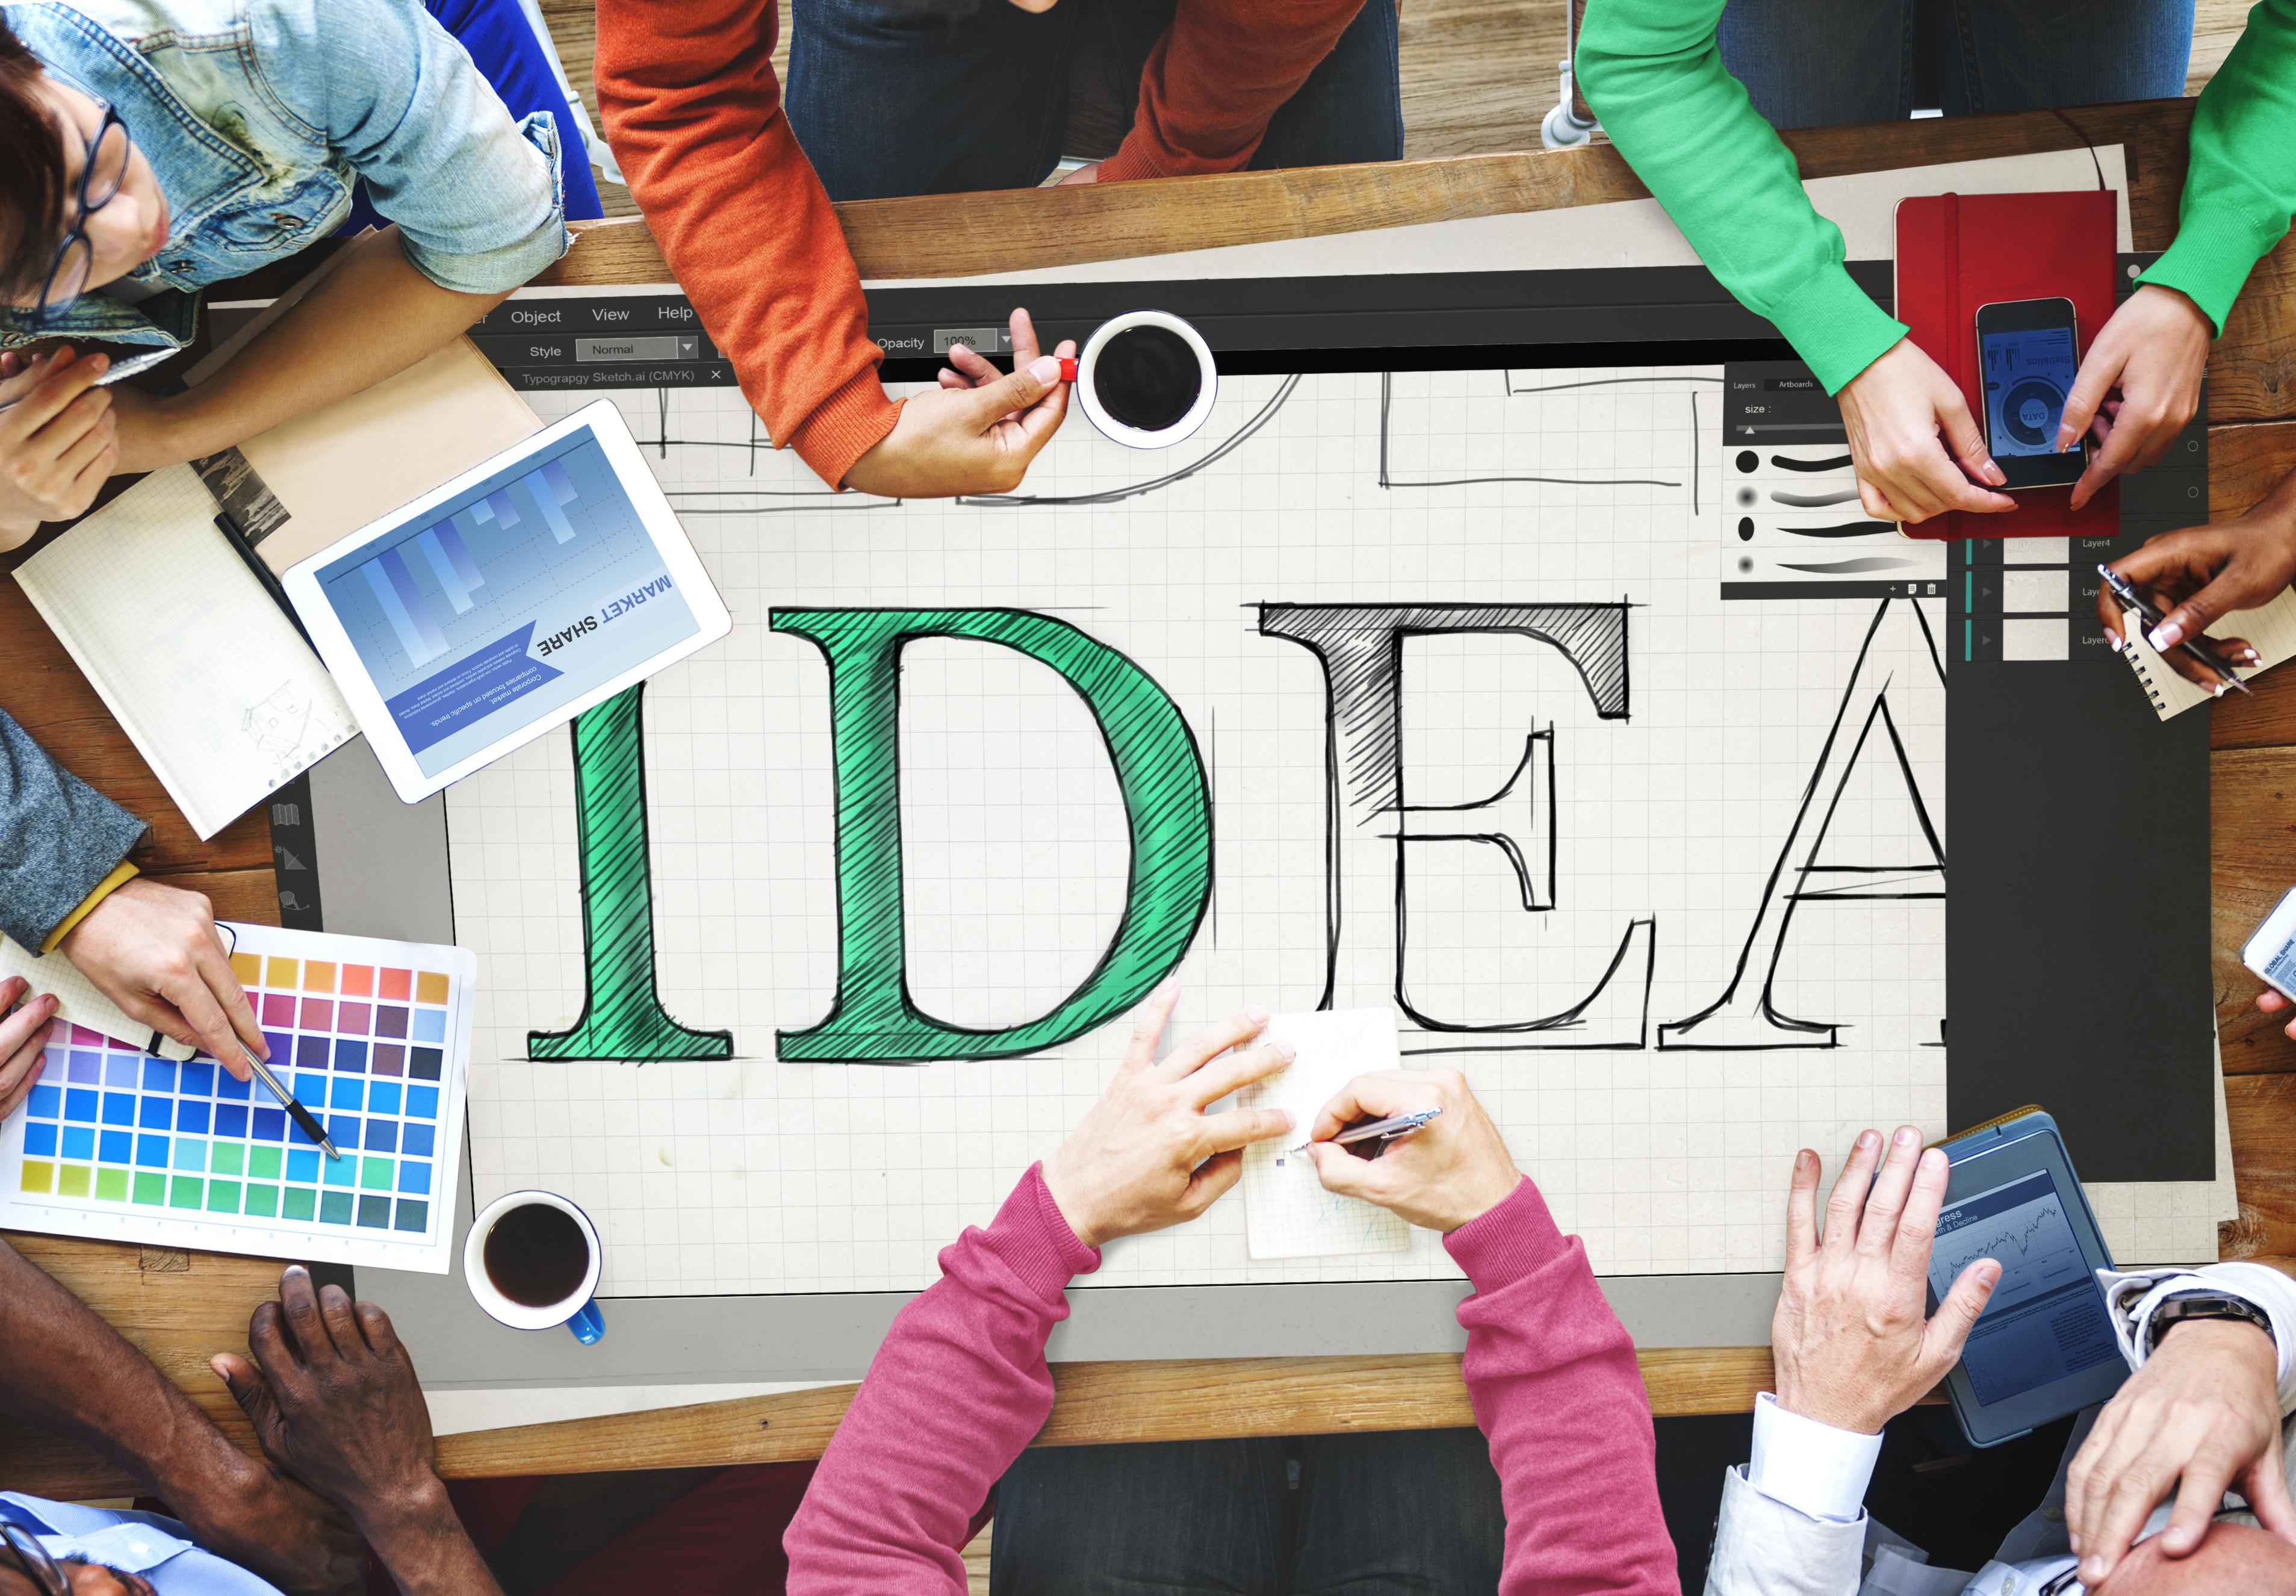 Gamificación educativa, nuevas formas de capacitación empresarial